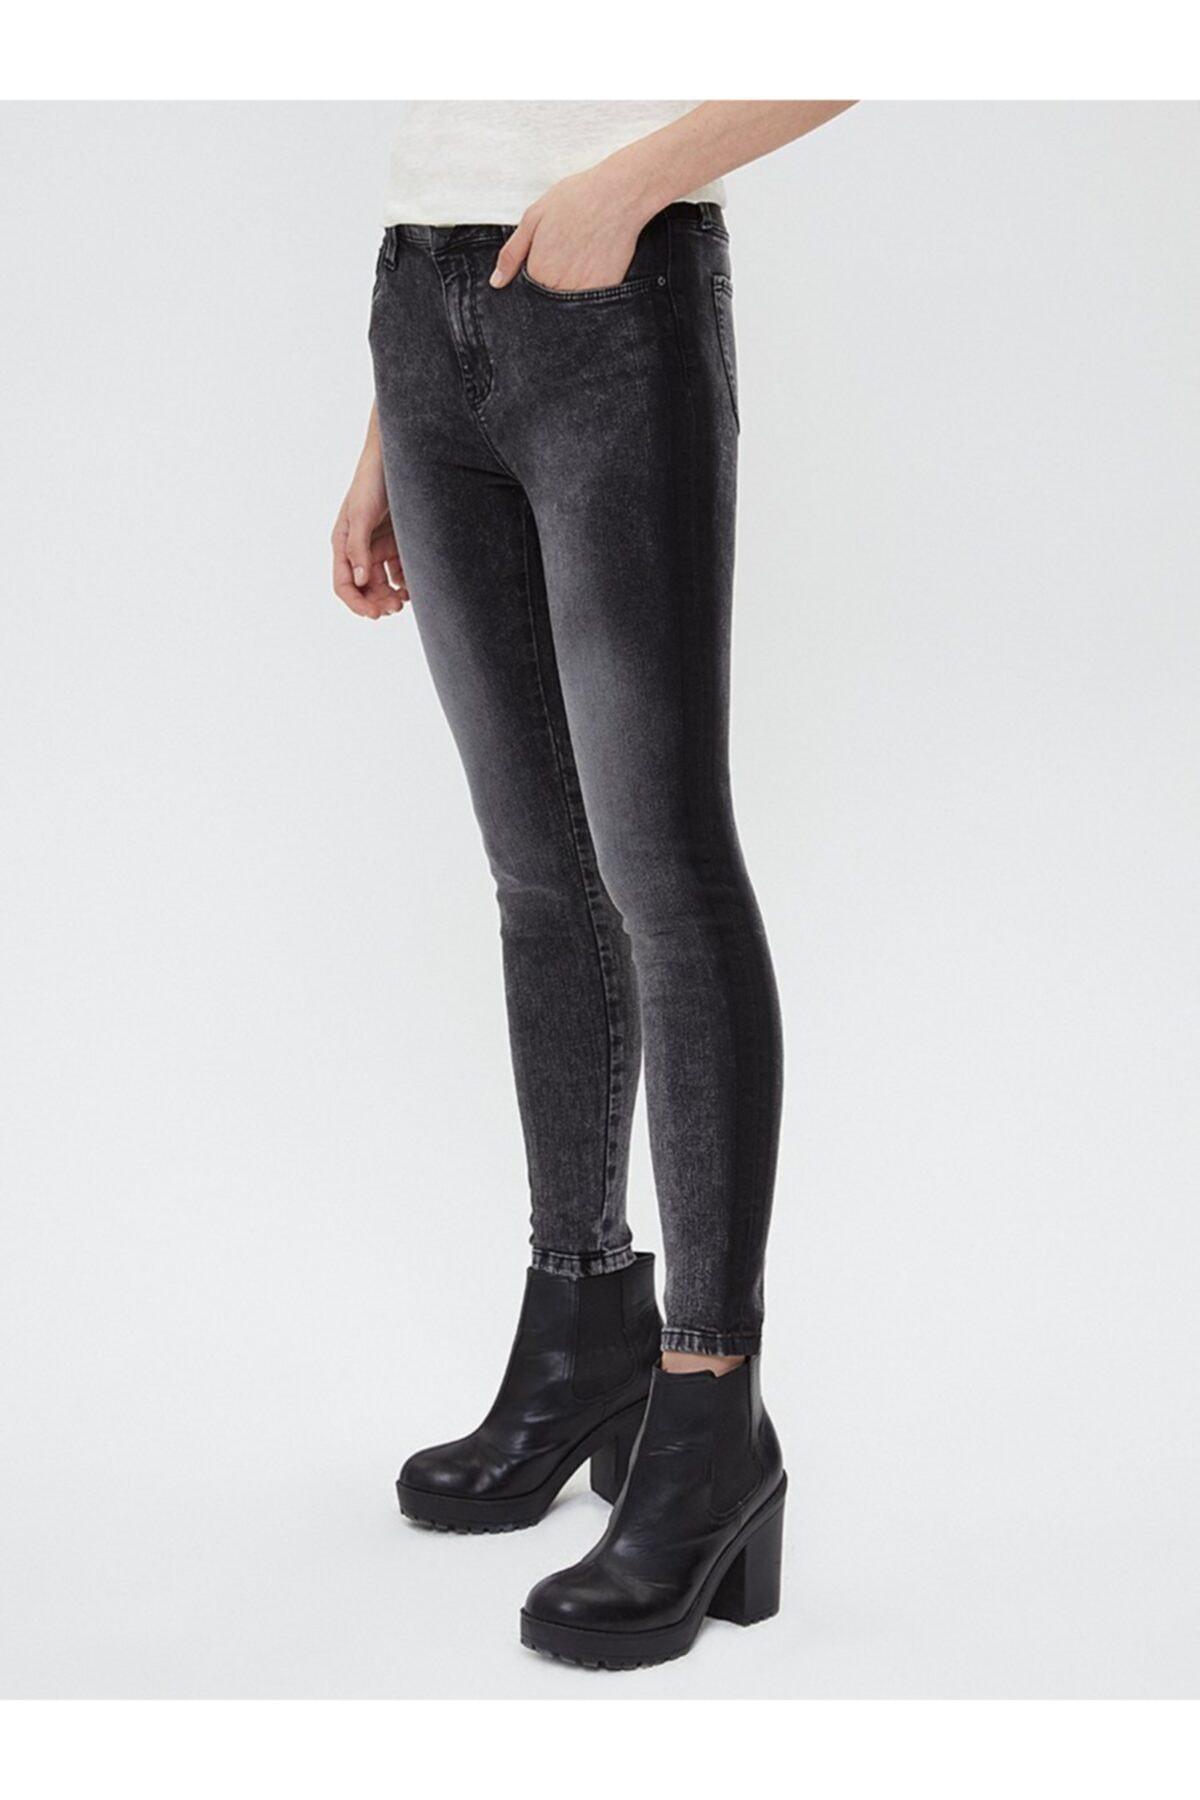 Loft Kadın Gri Pantolon 2025642 2